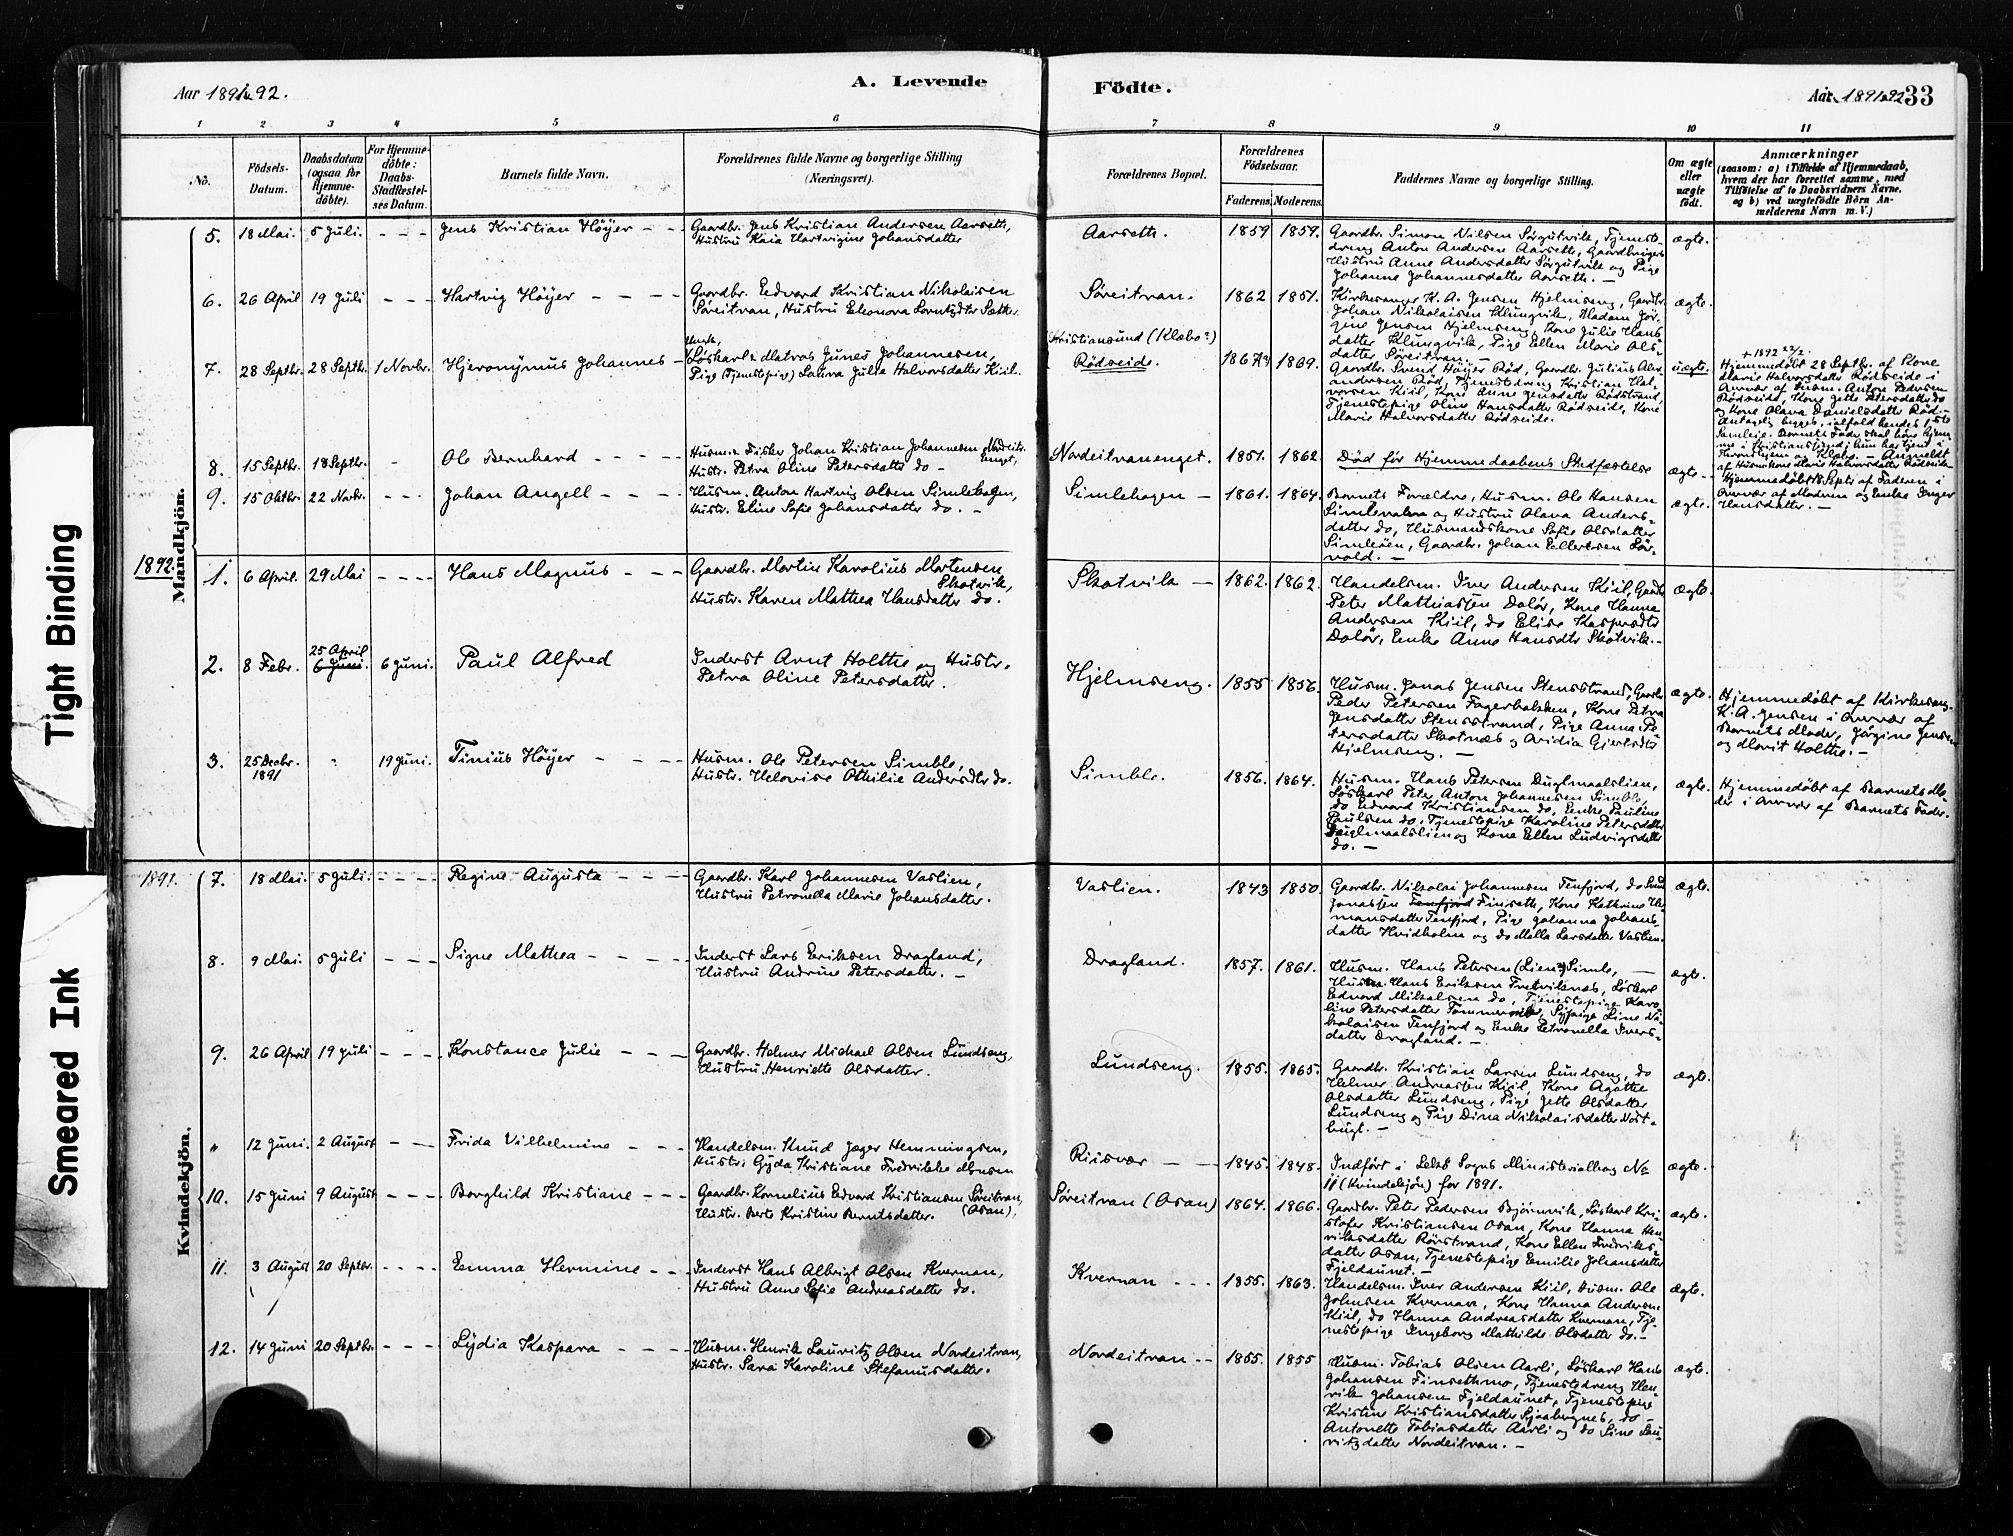 SAT, Ministerialprotokoller, klokkerbøker og fødselsregistre - Nord-Trøndelag, 789/L0705: Ministerialbok nr. 789A01, 1878-1910, s. 33